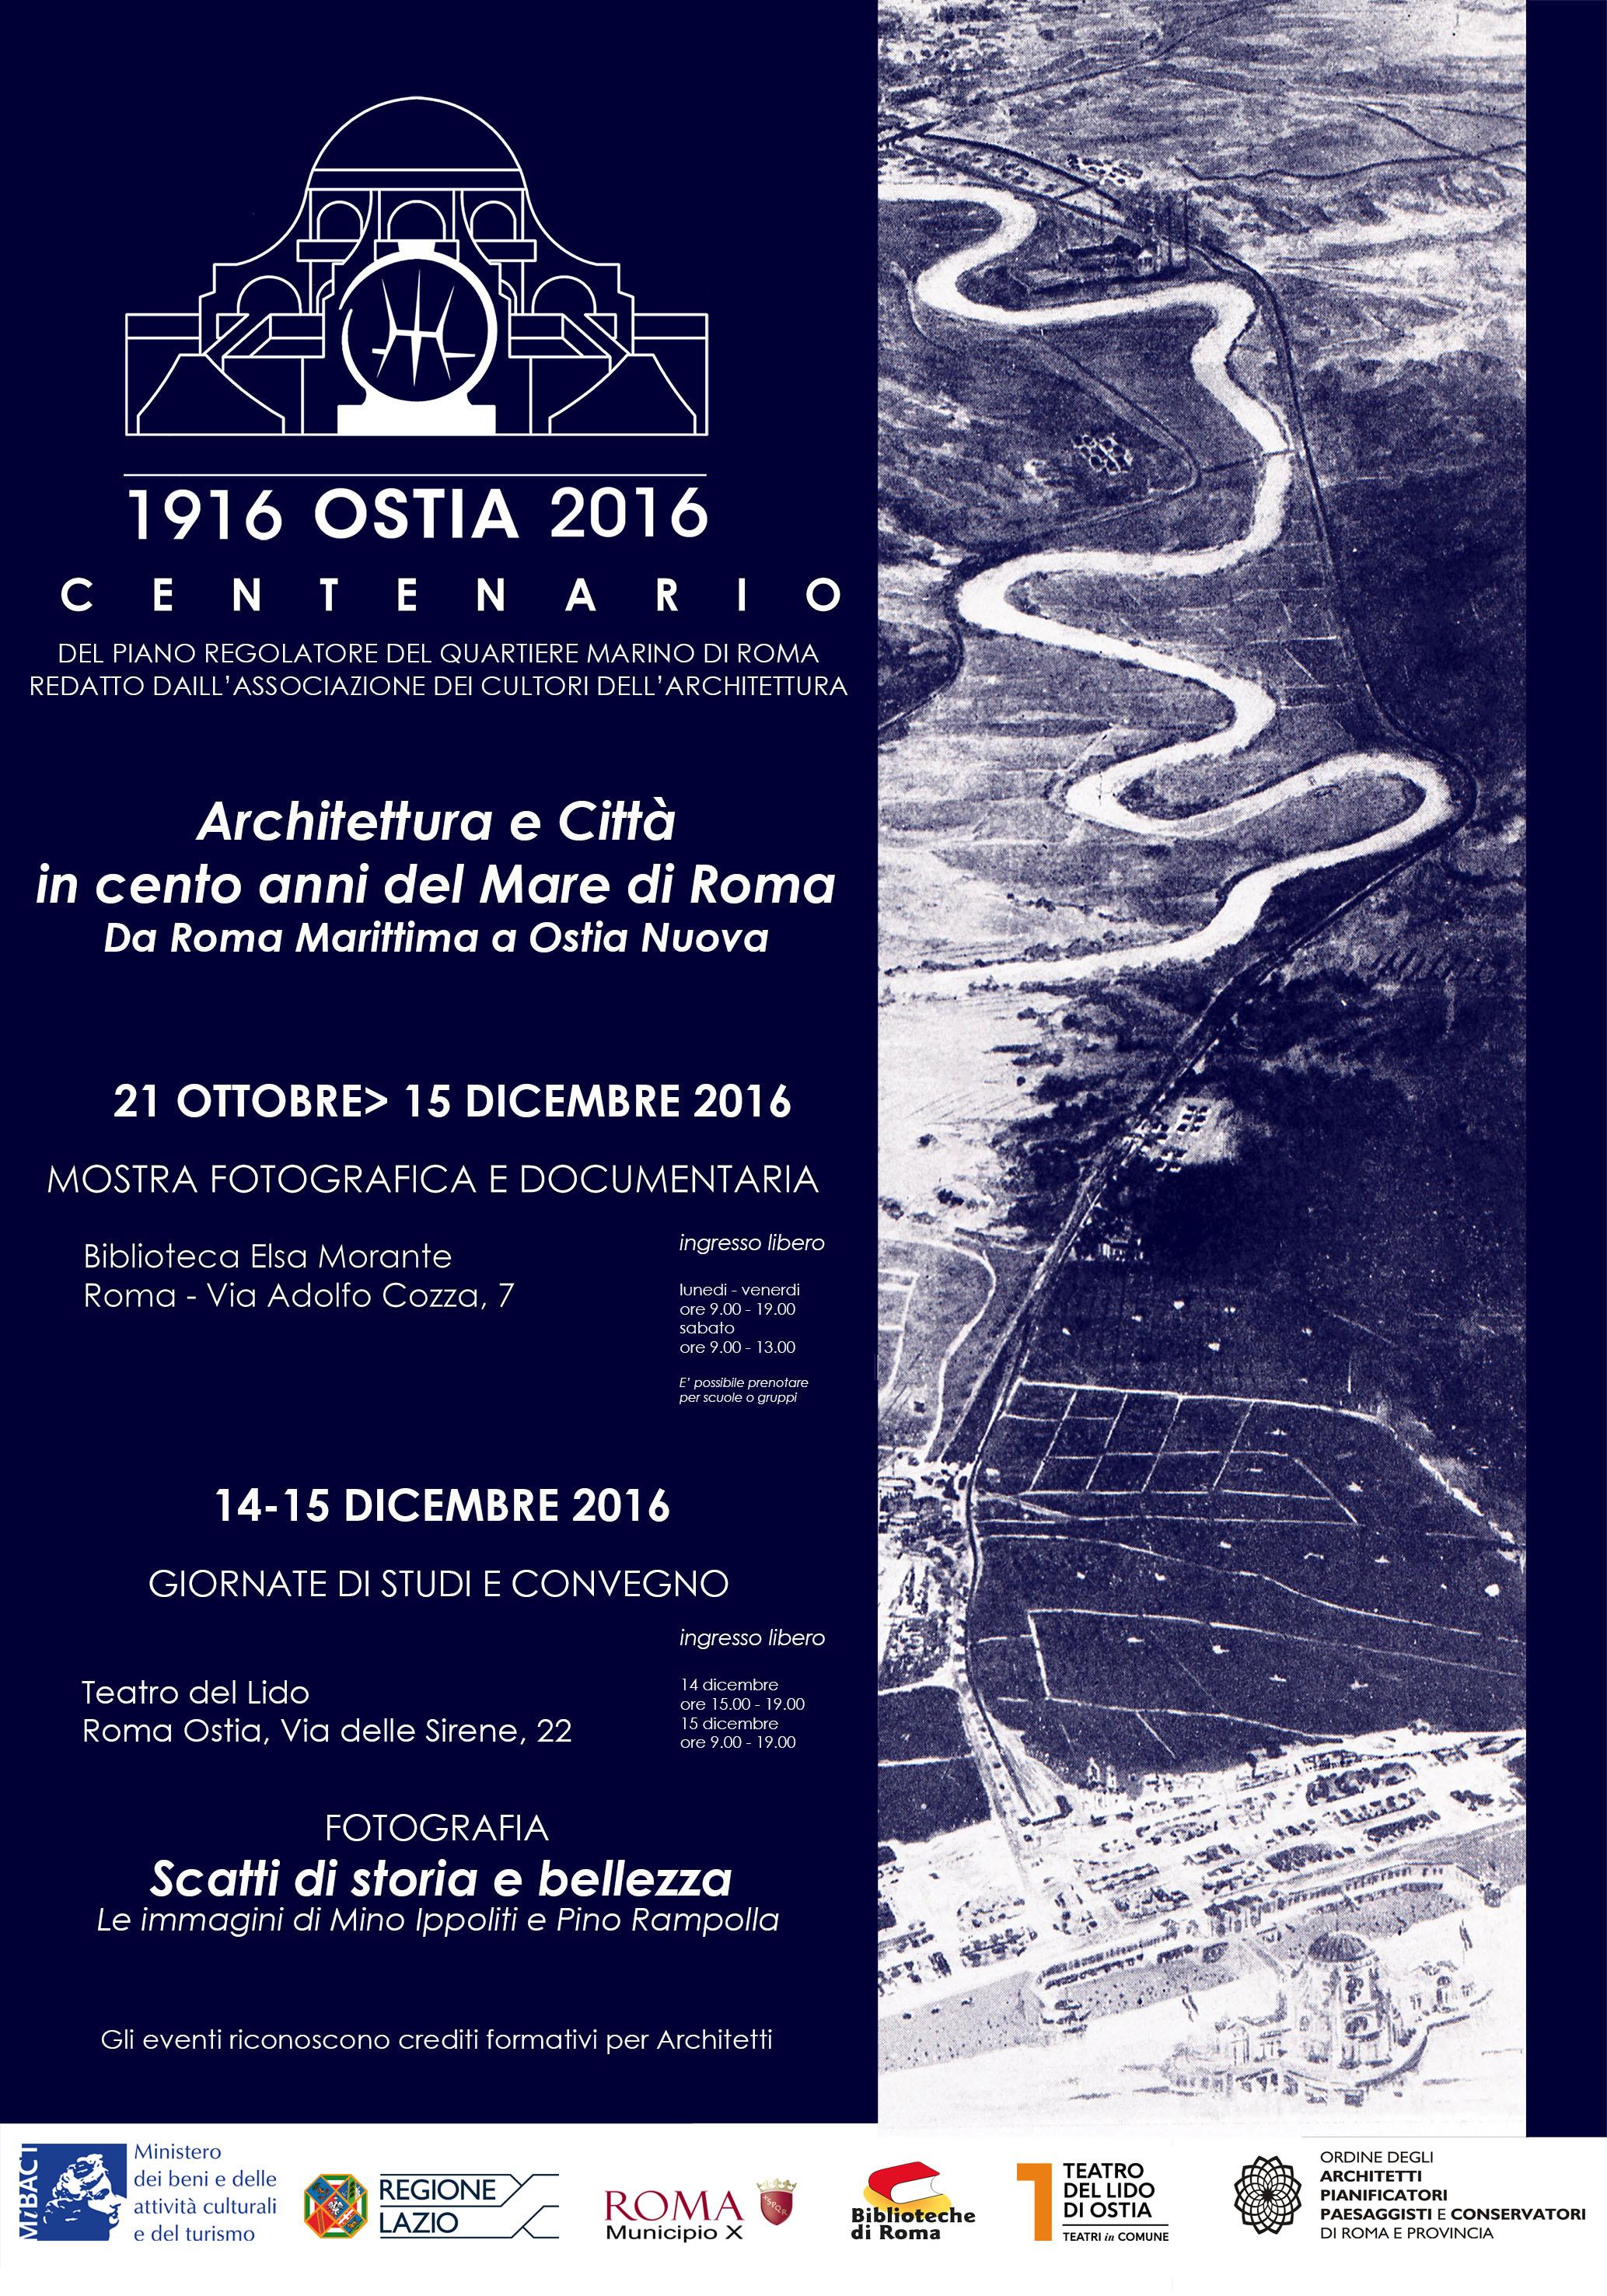 Centenario Ostia 1916 2016 Architettura E Citt In Cento Anni Del